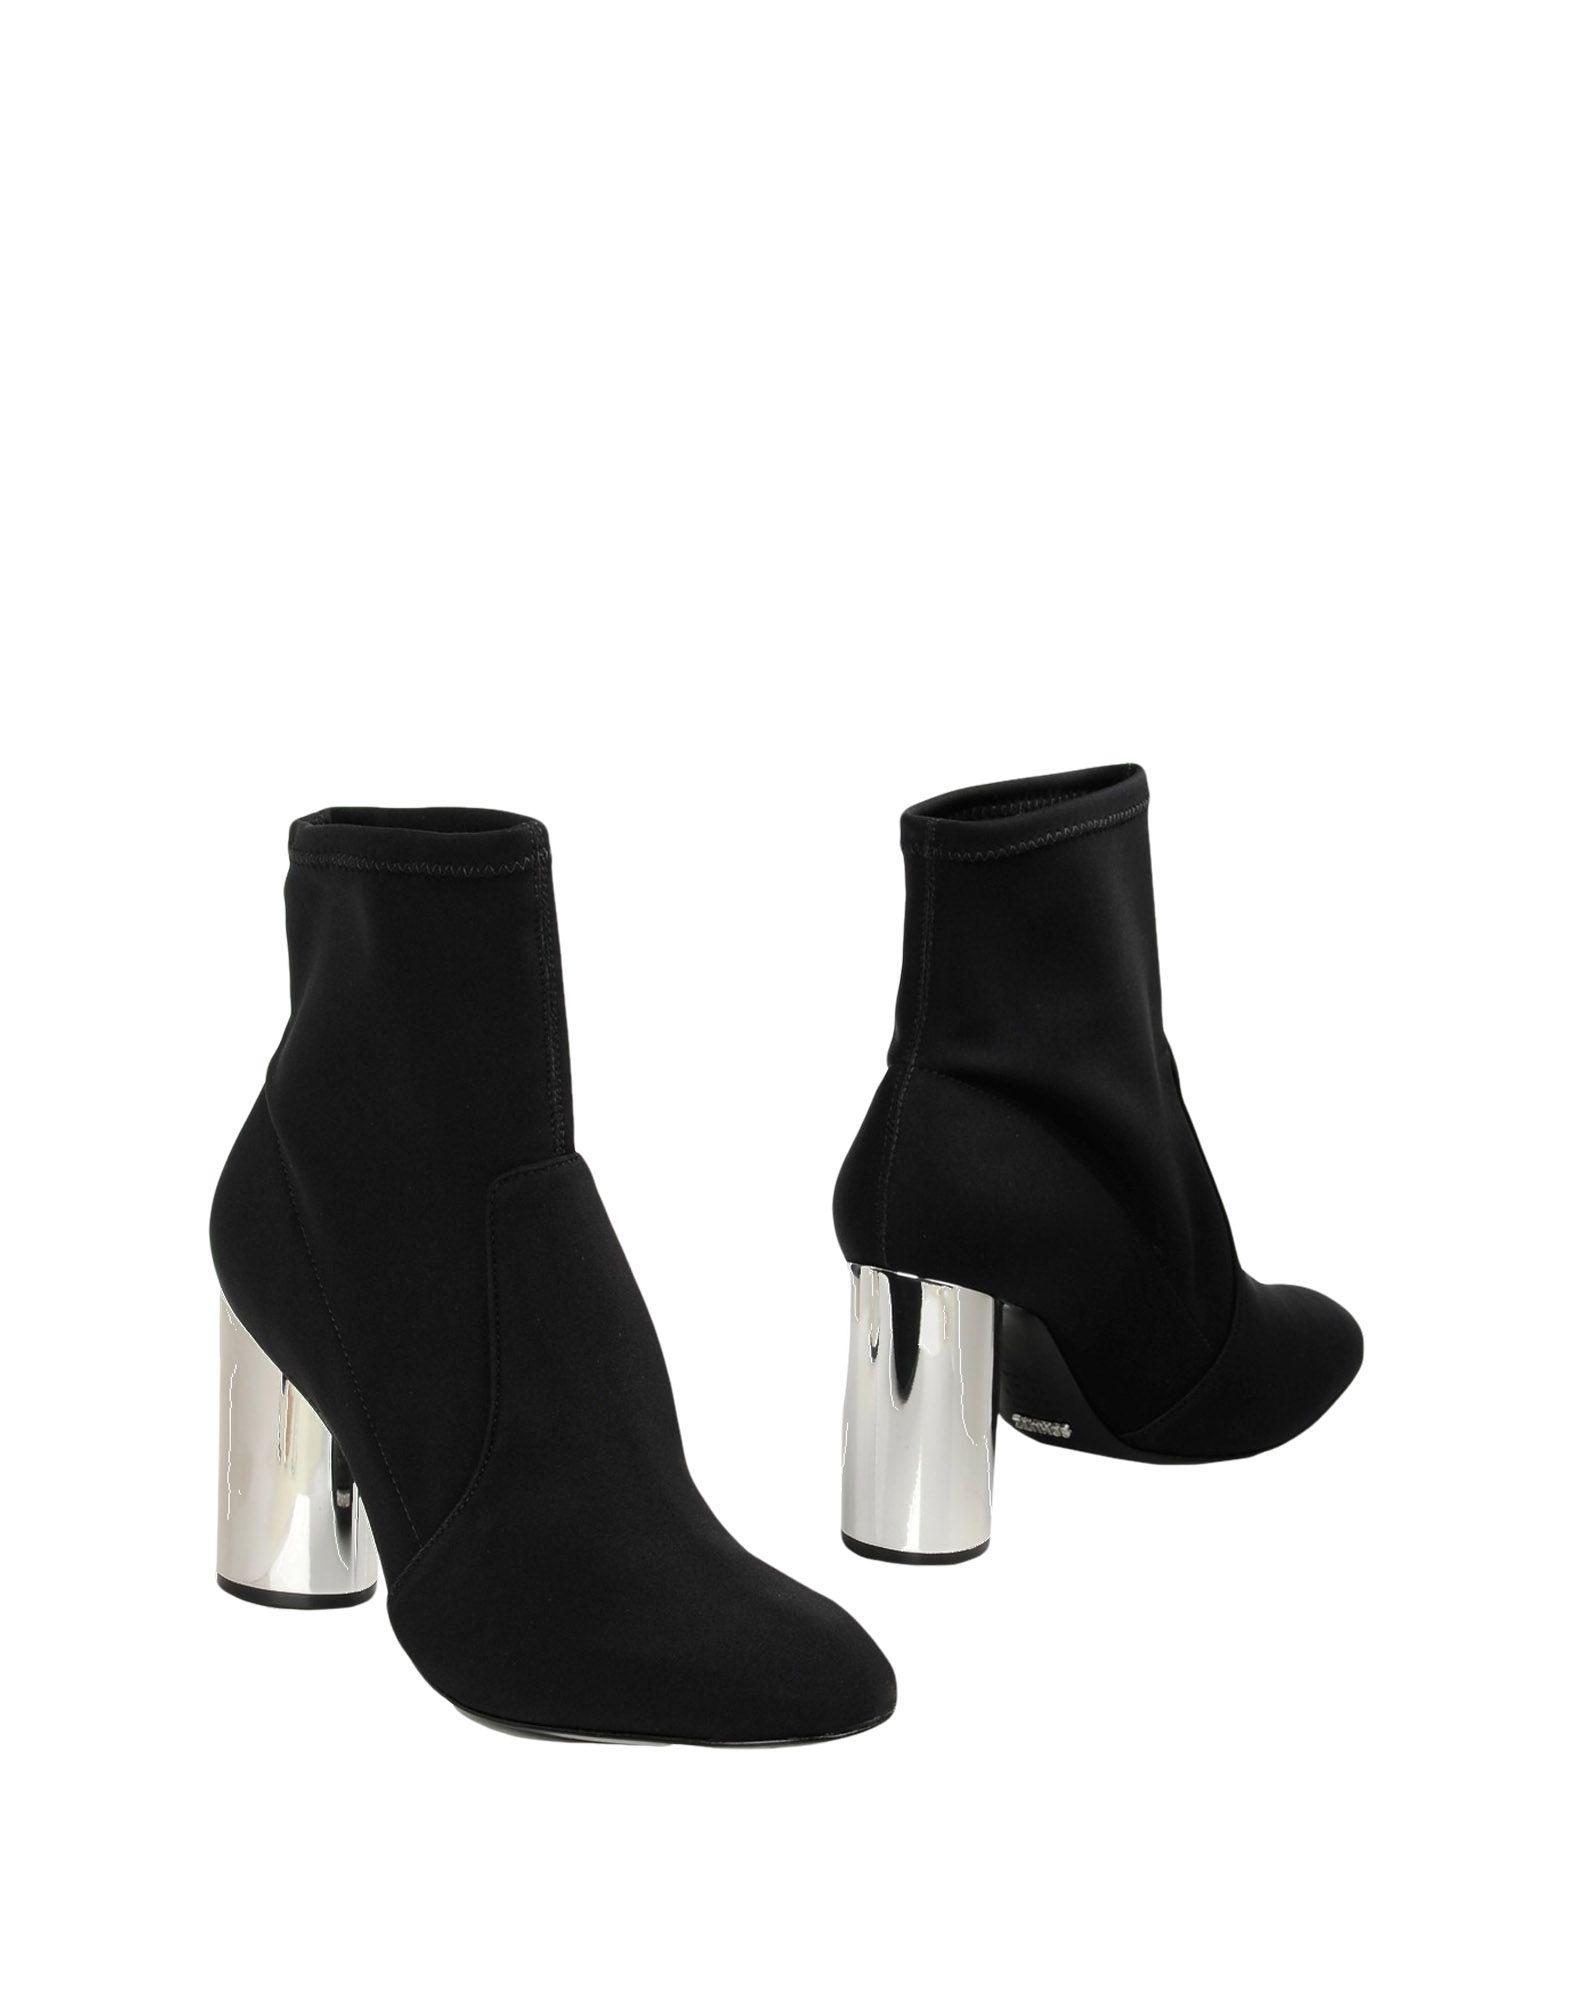 Schutz Stiefelette Damen  11361364FUGut aussehende strapazierfähige Schuhe